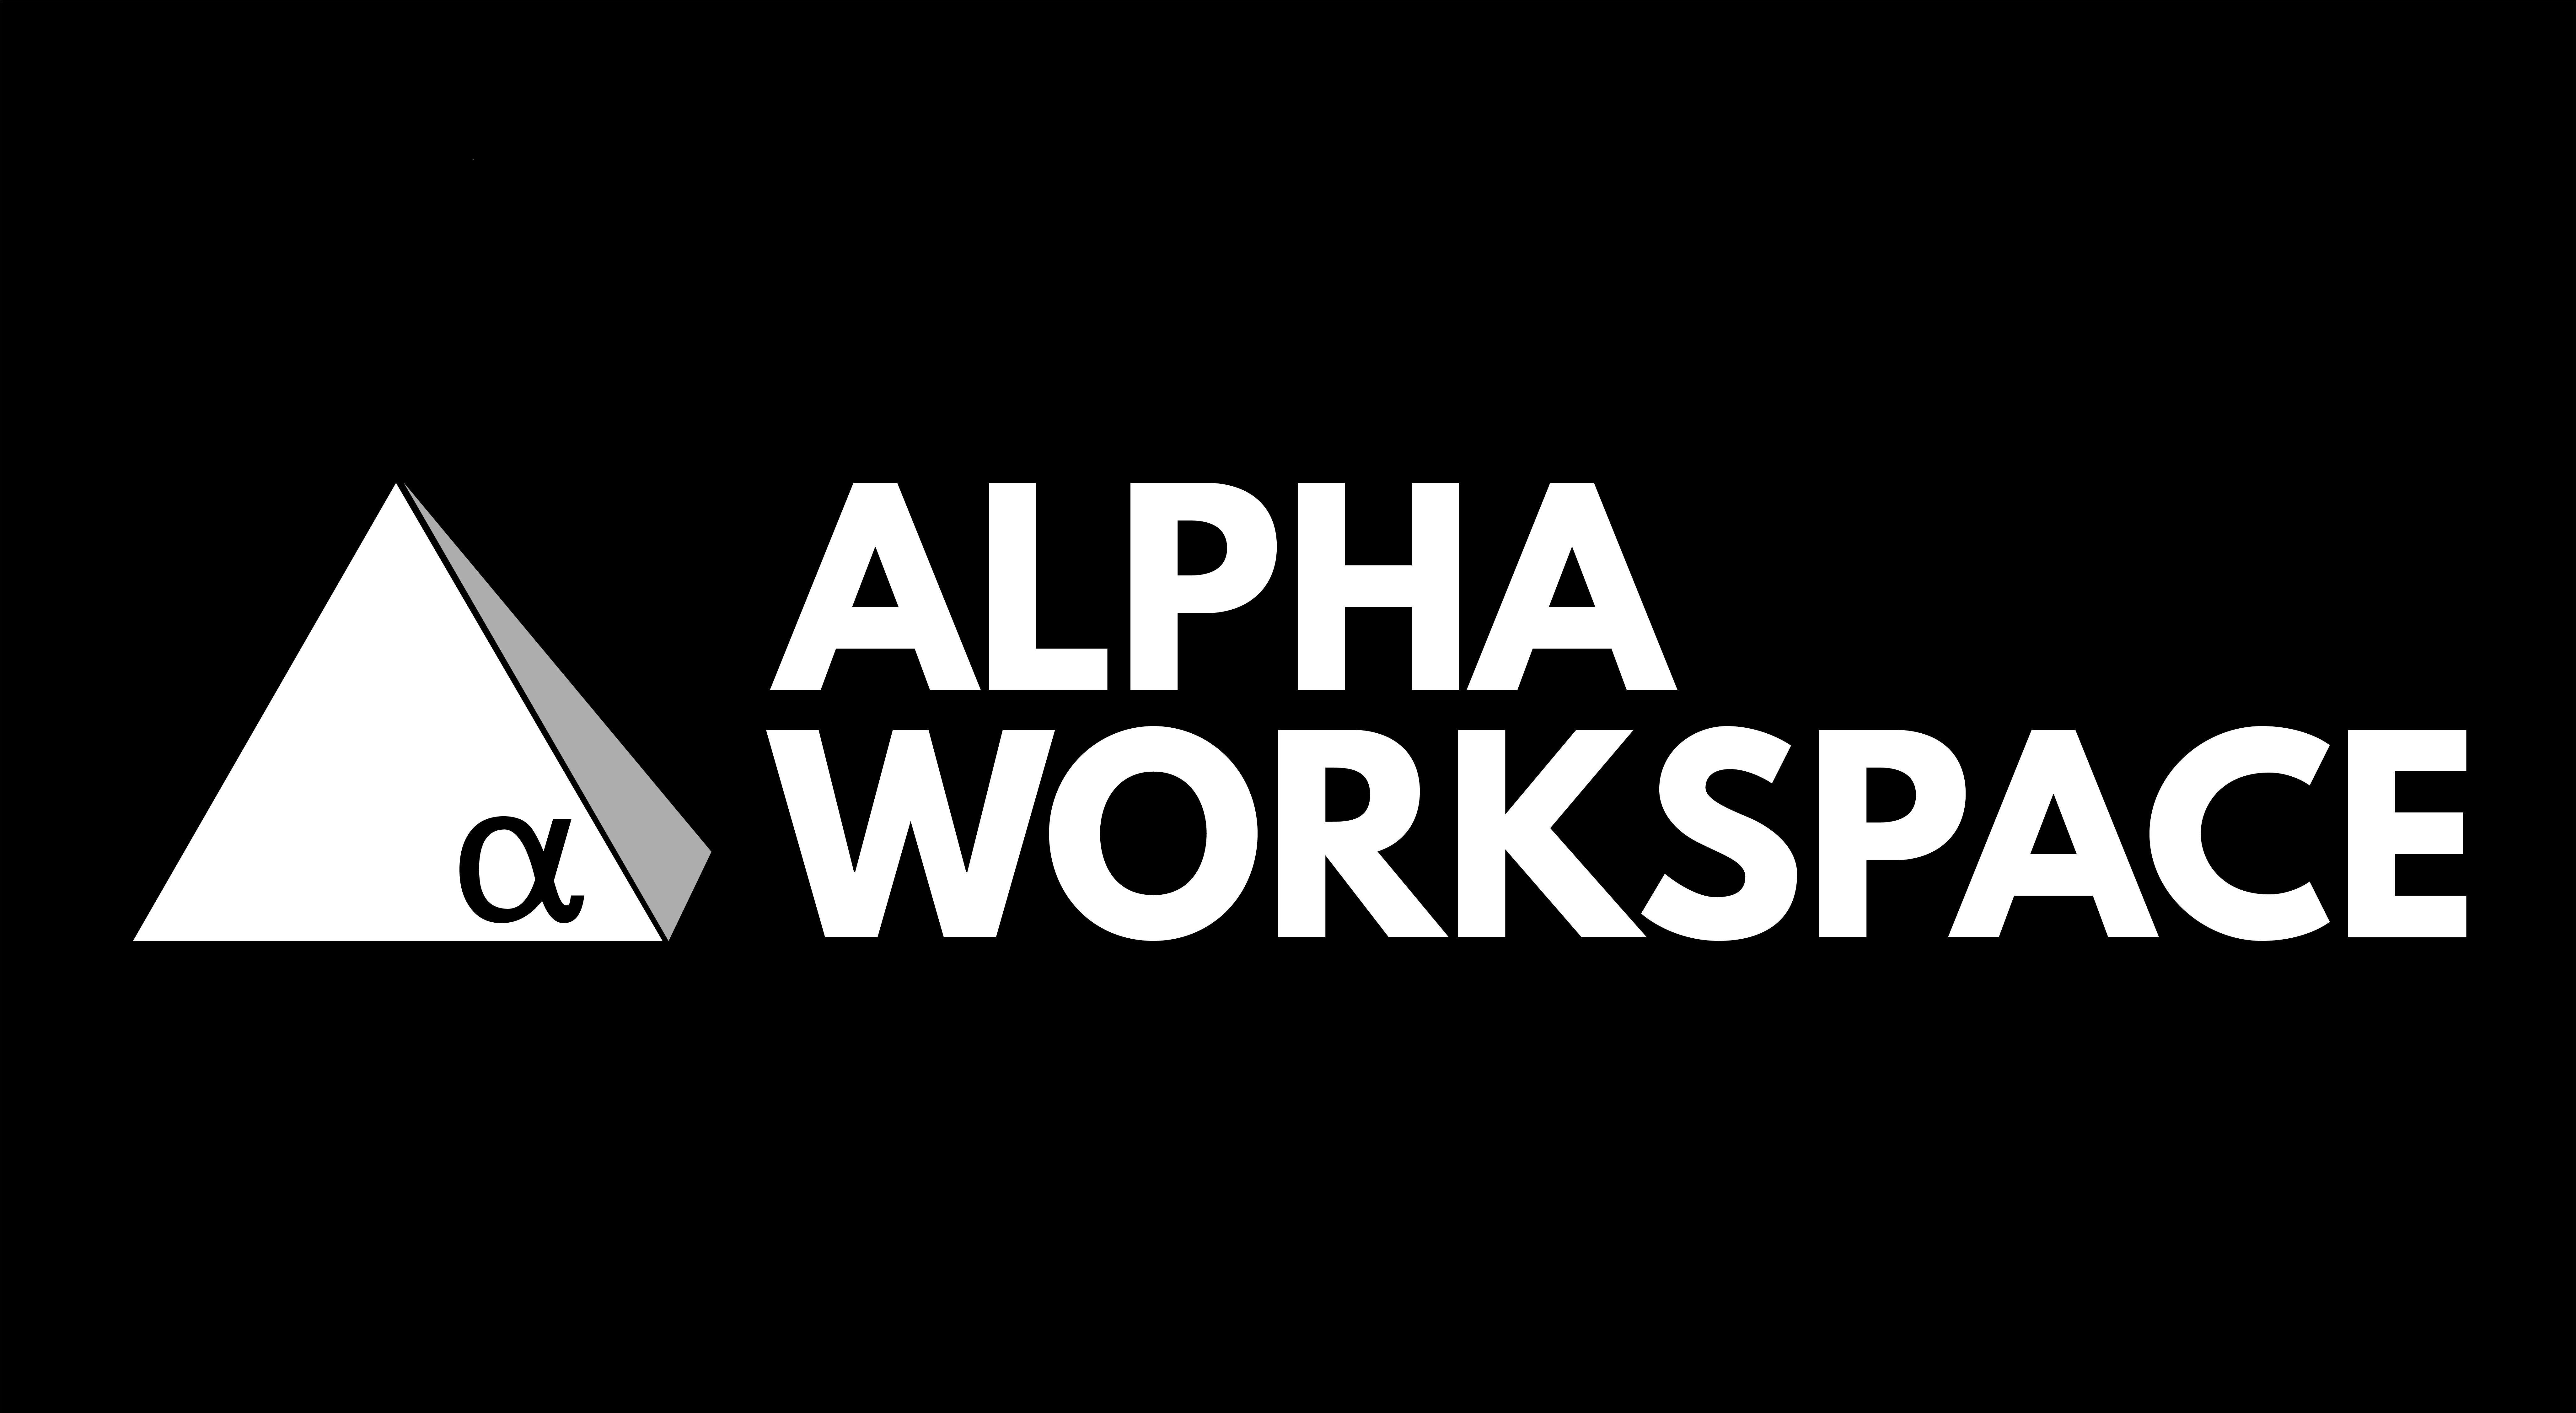 Alpha Workspace